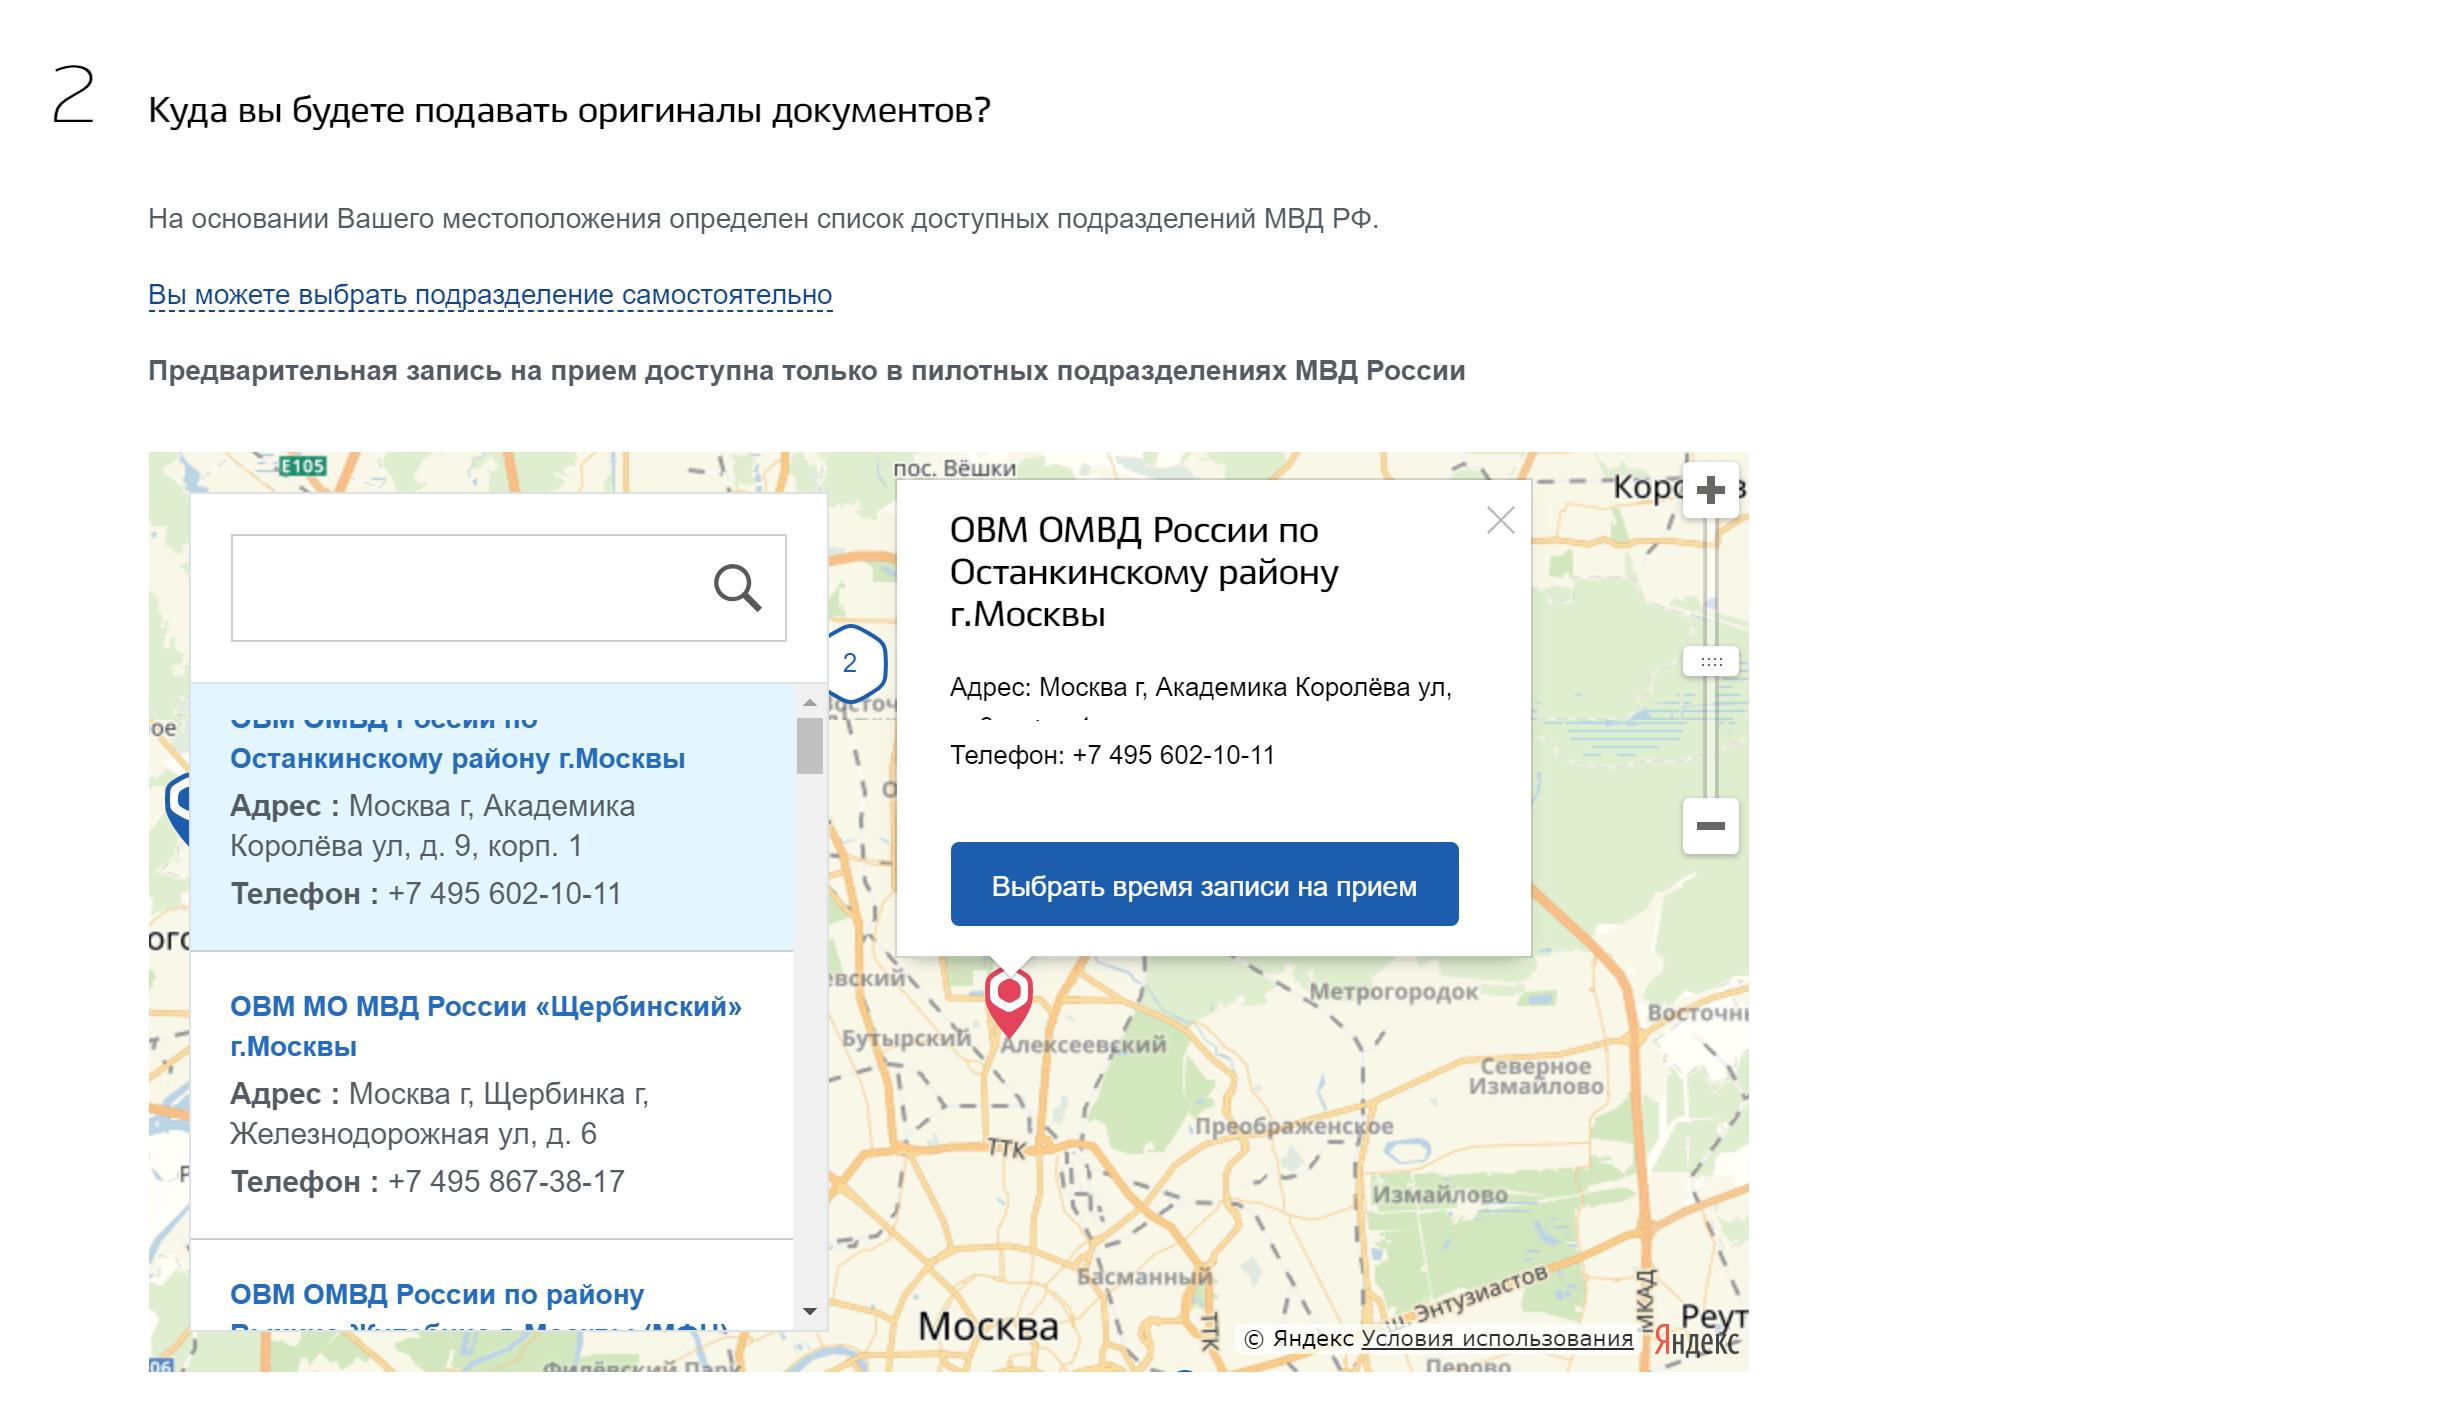 Выбираете отдел МВД на карте или в списке